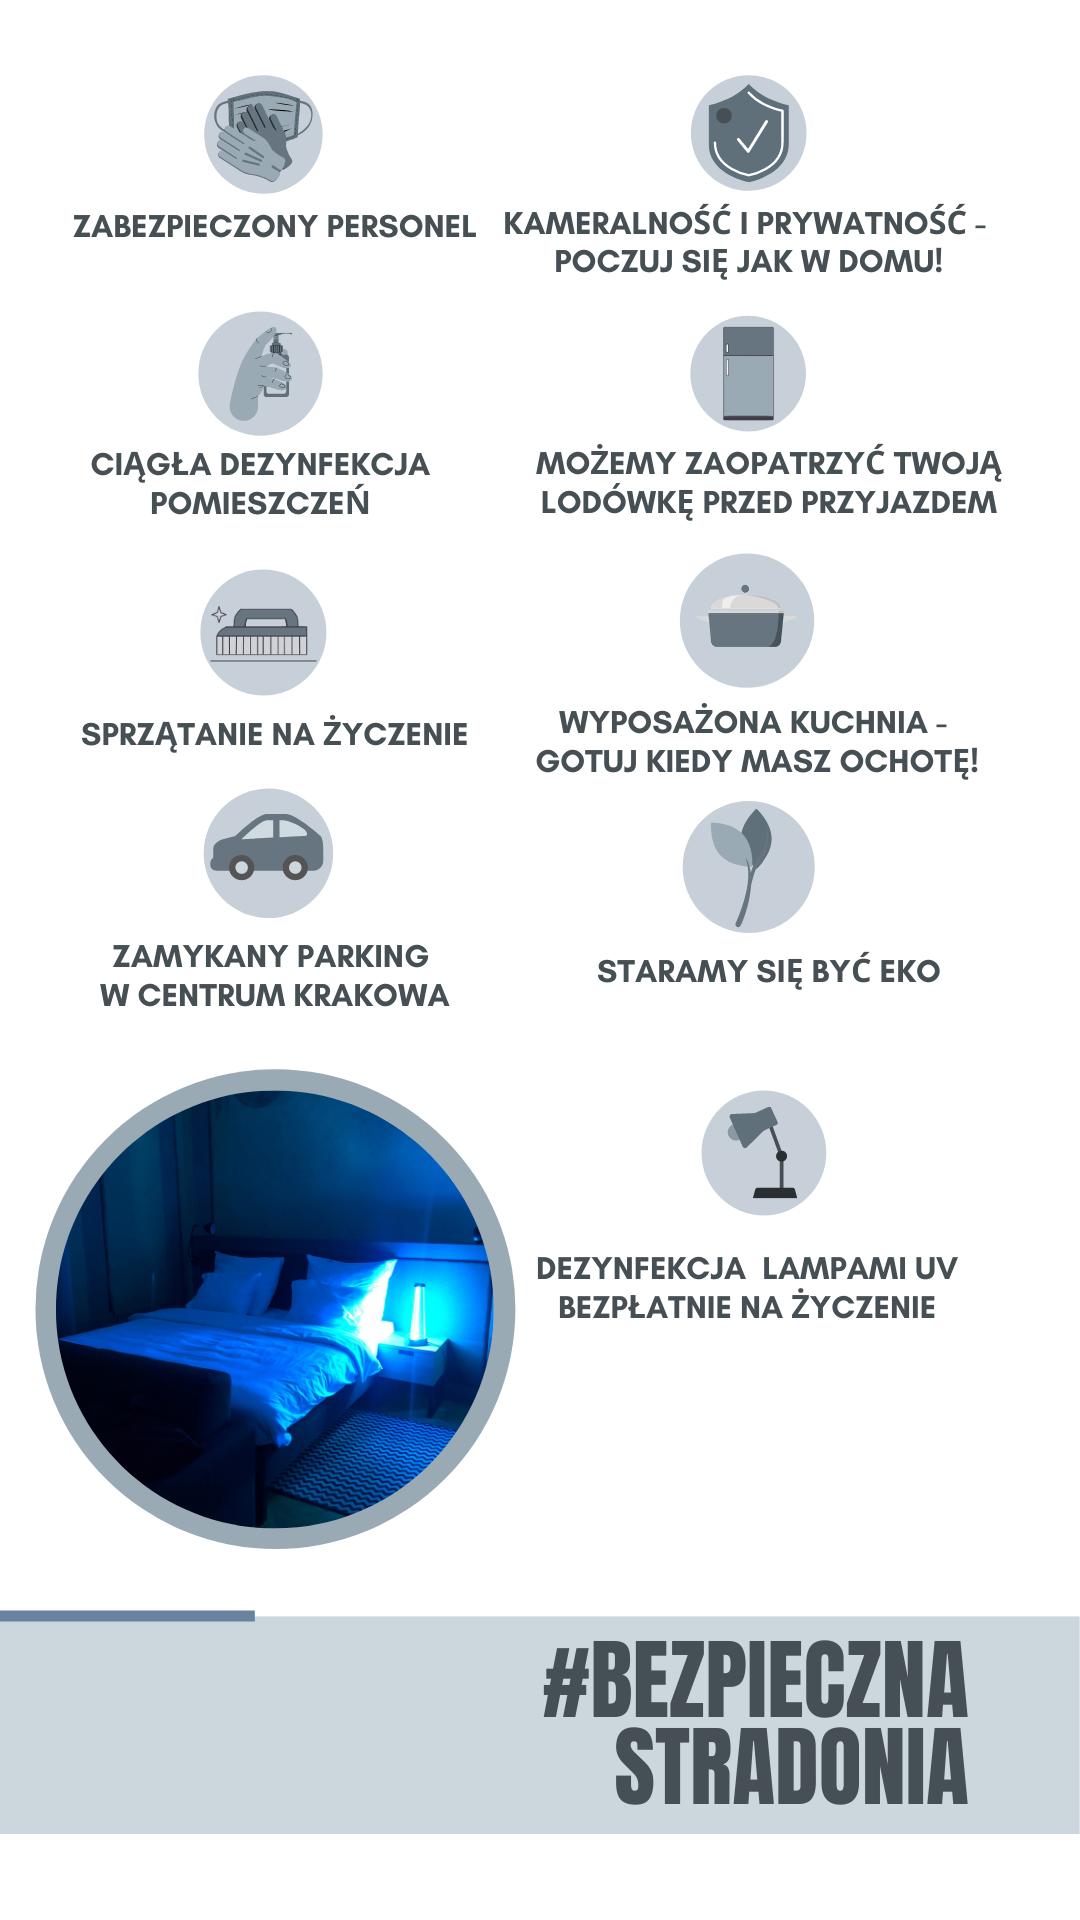 dezynfekcja-lampami-uv-bezplatnie-na-zyczenie-5